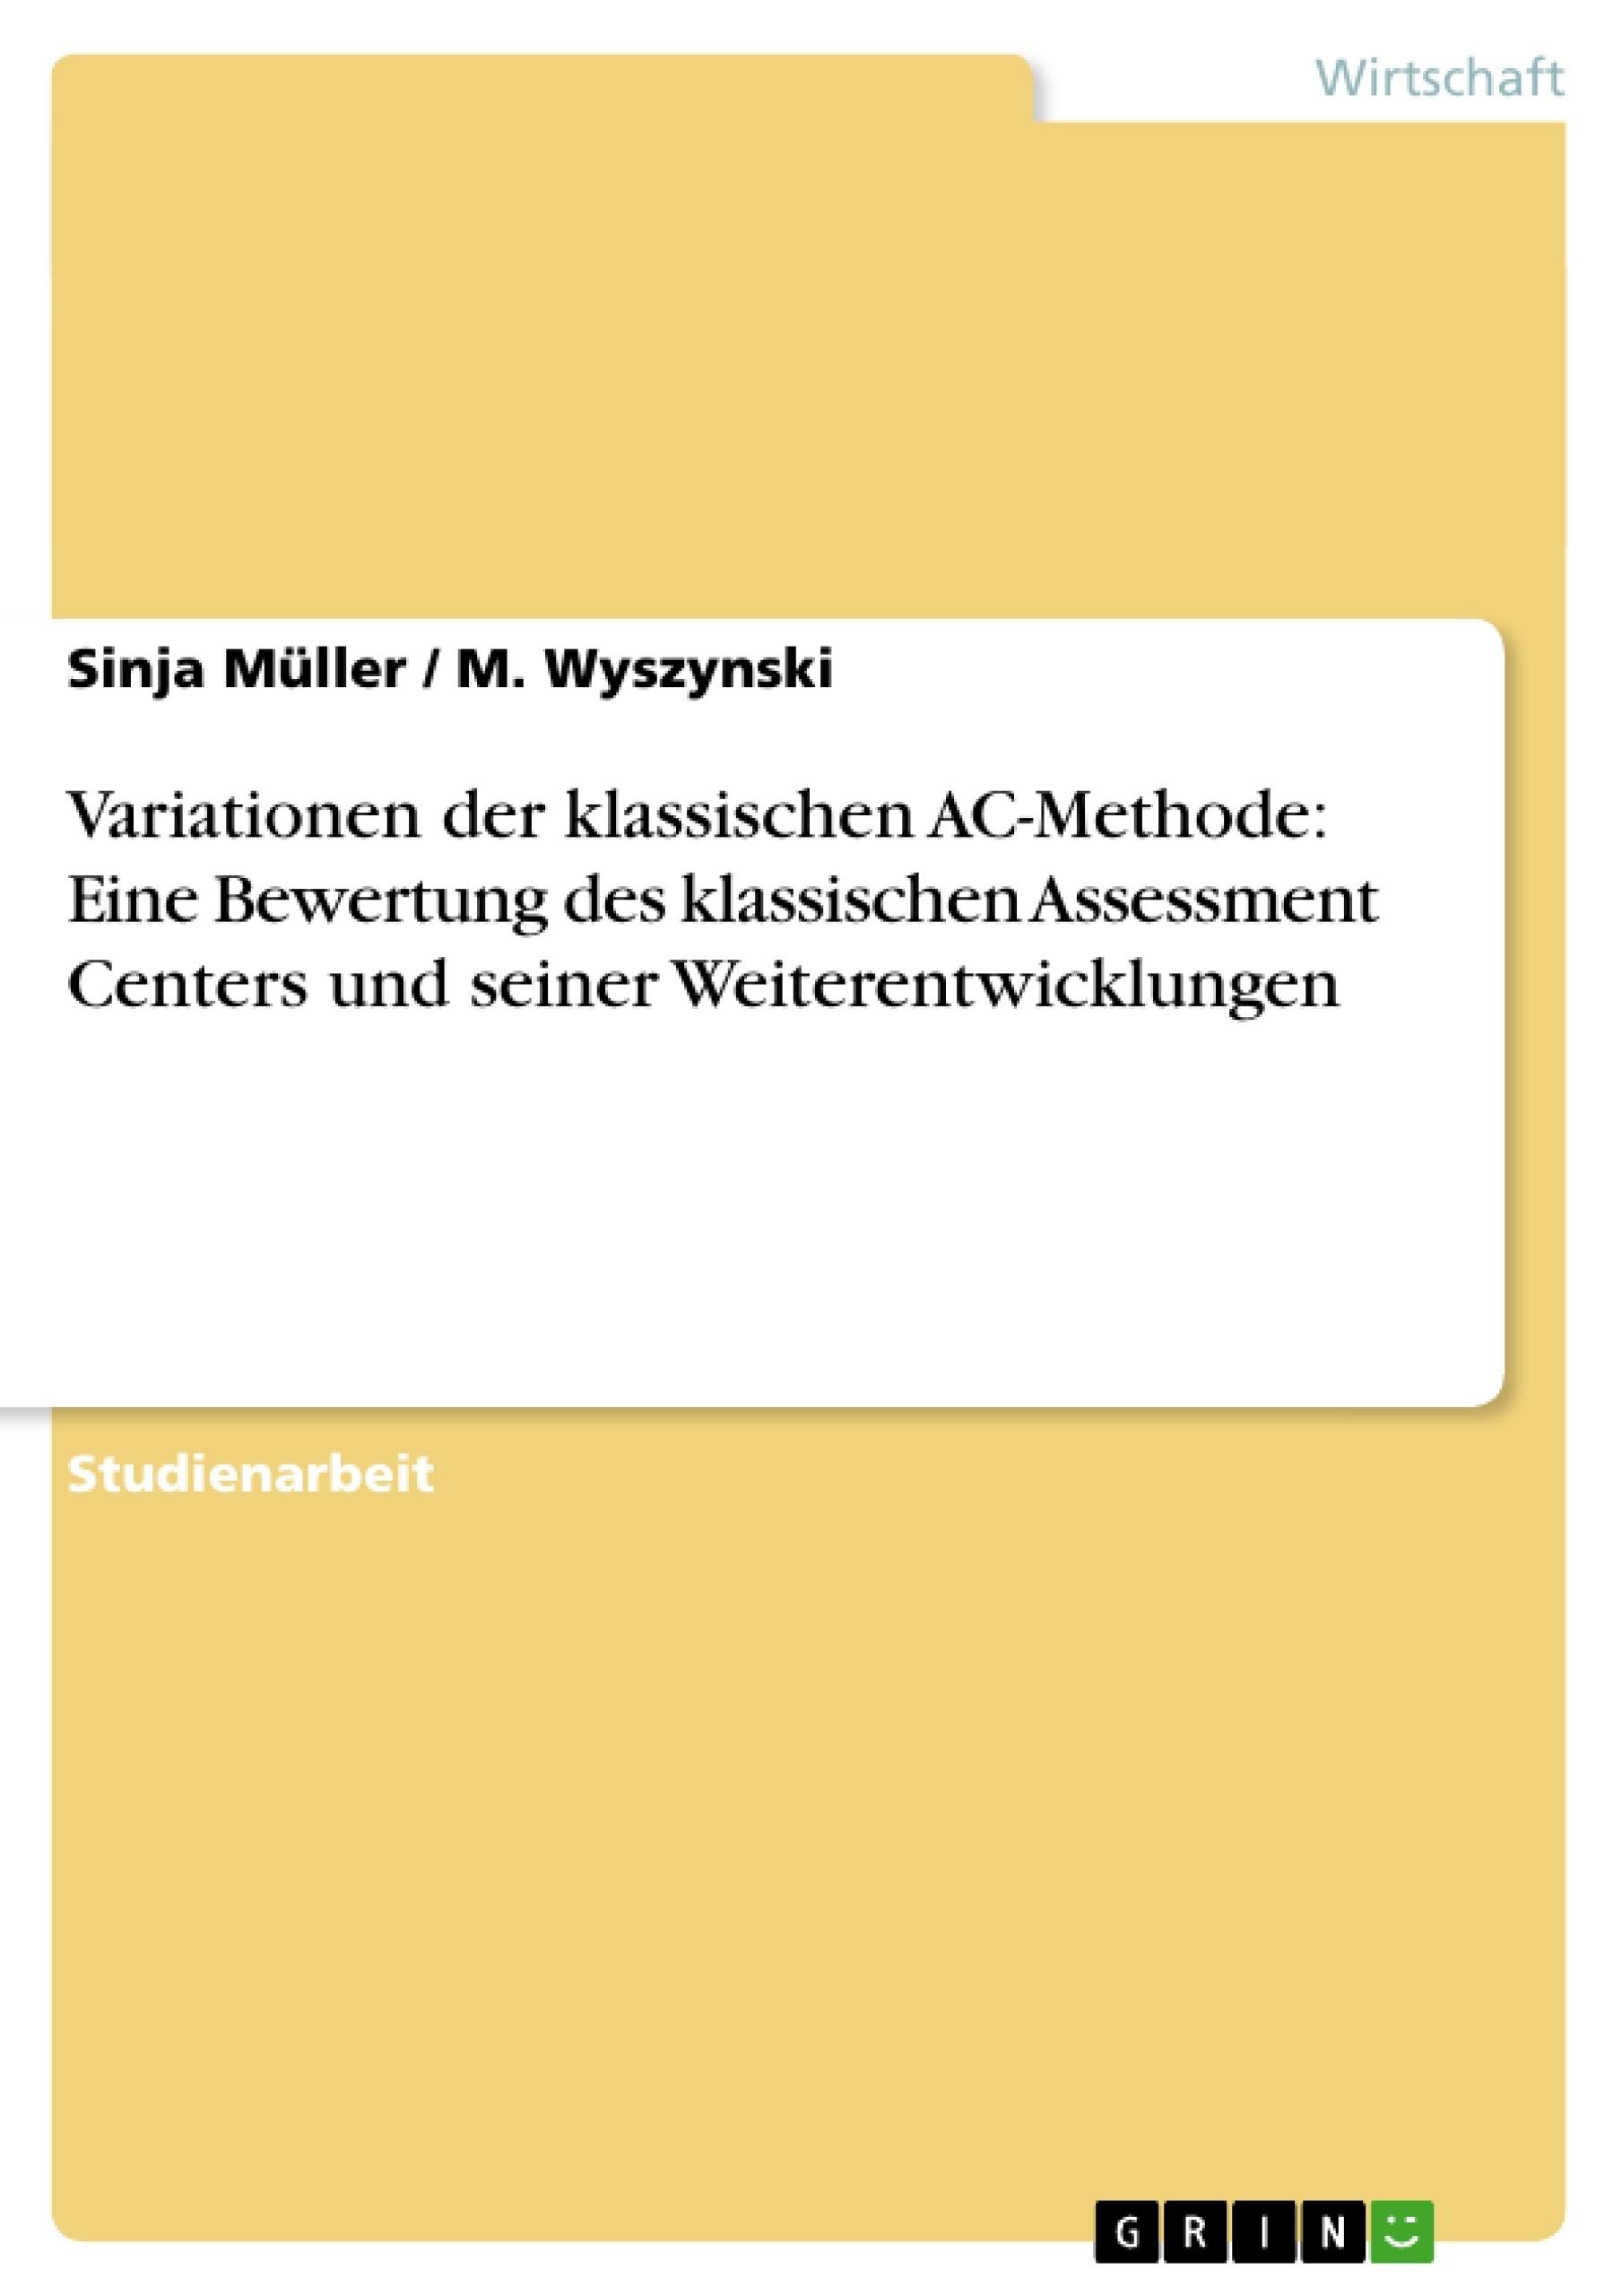 Titel: Variationen der klassischen AC-Methode: Eine Bewertung des klassischen Assessment Centers und seiner Weiterentwicklungen